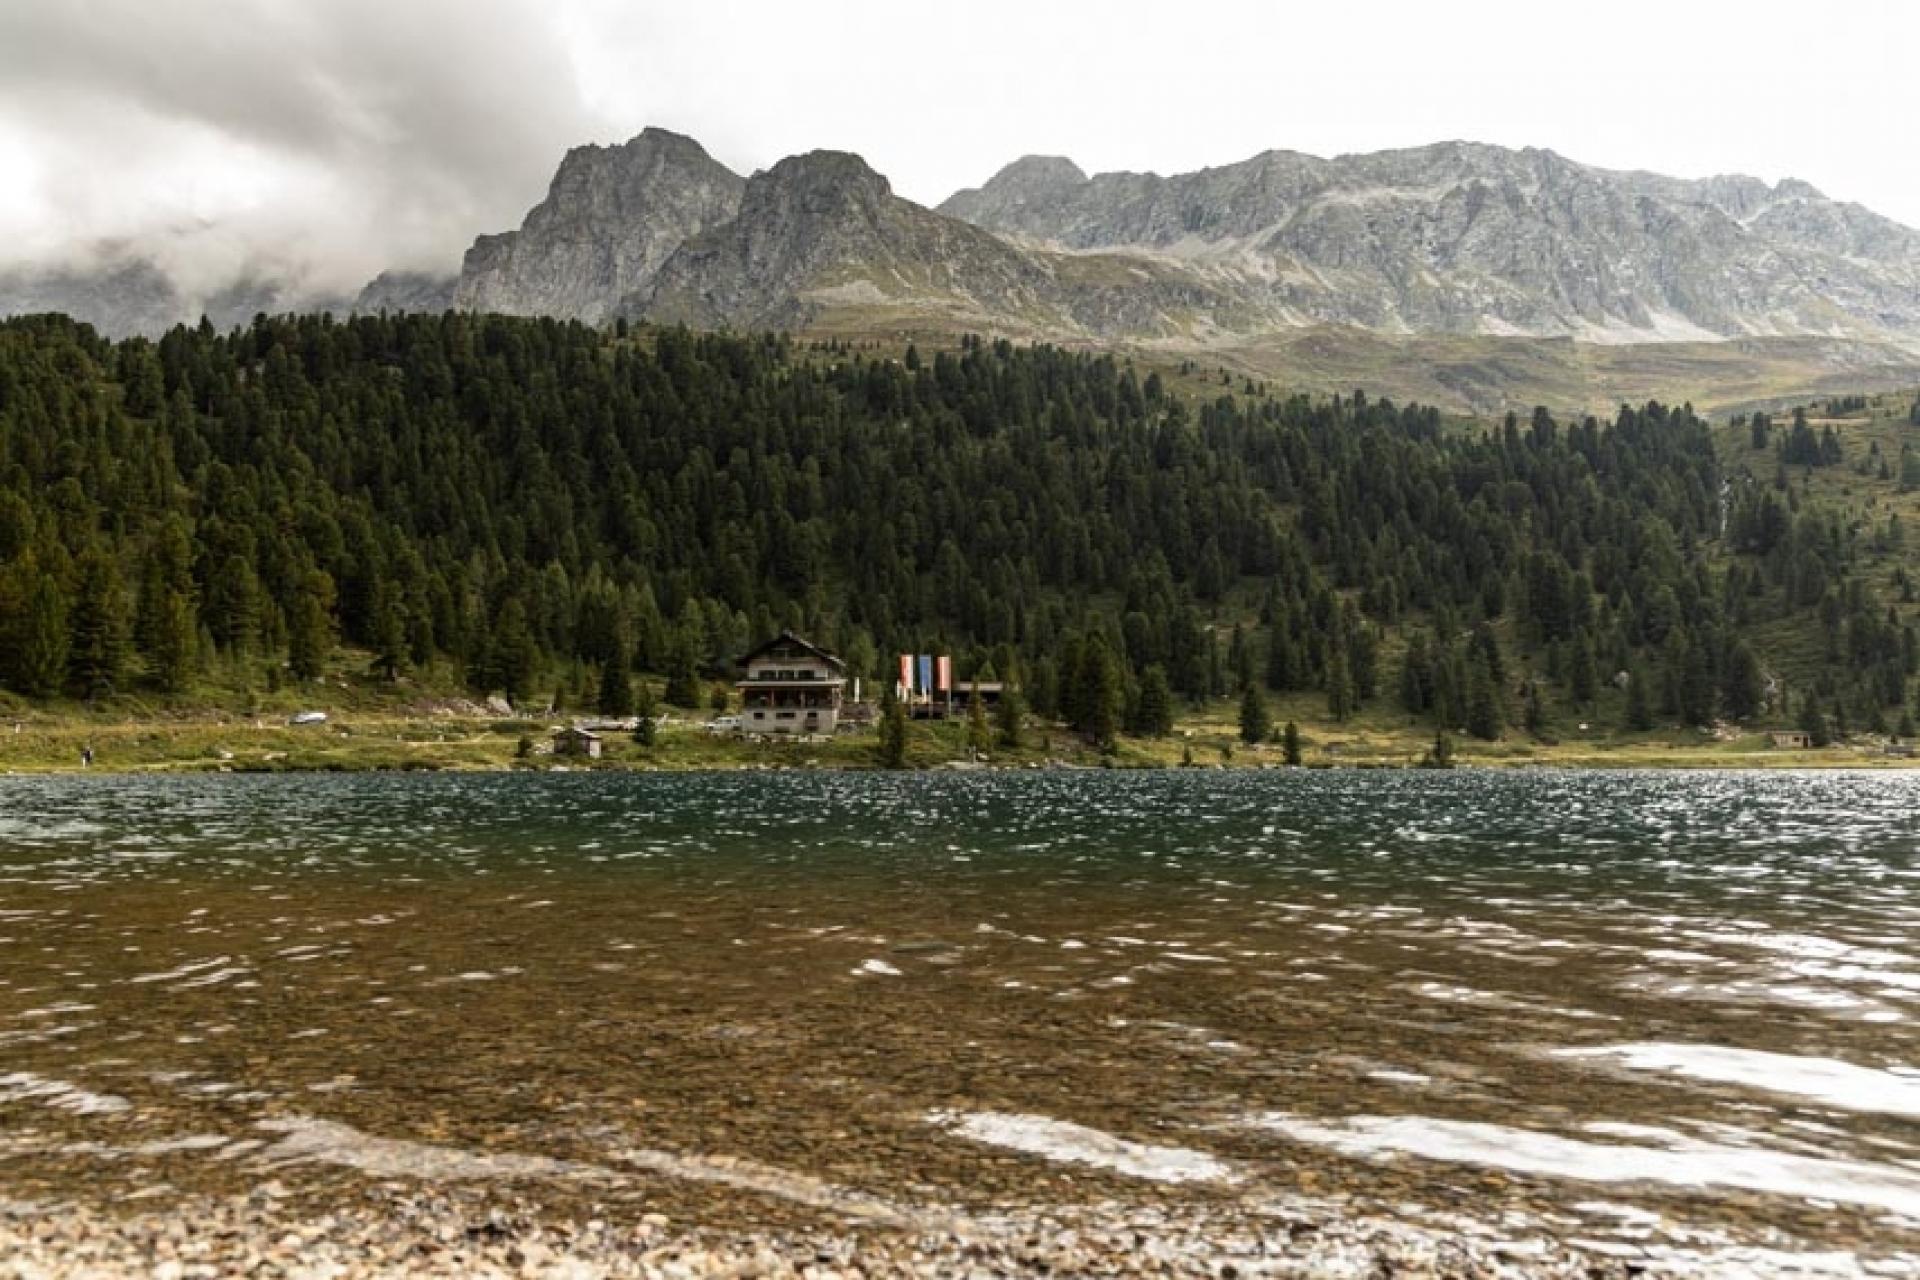 Fotowochenende Osttirol - Canon Academy Spezialthemen